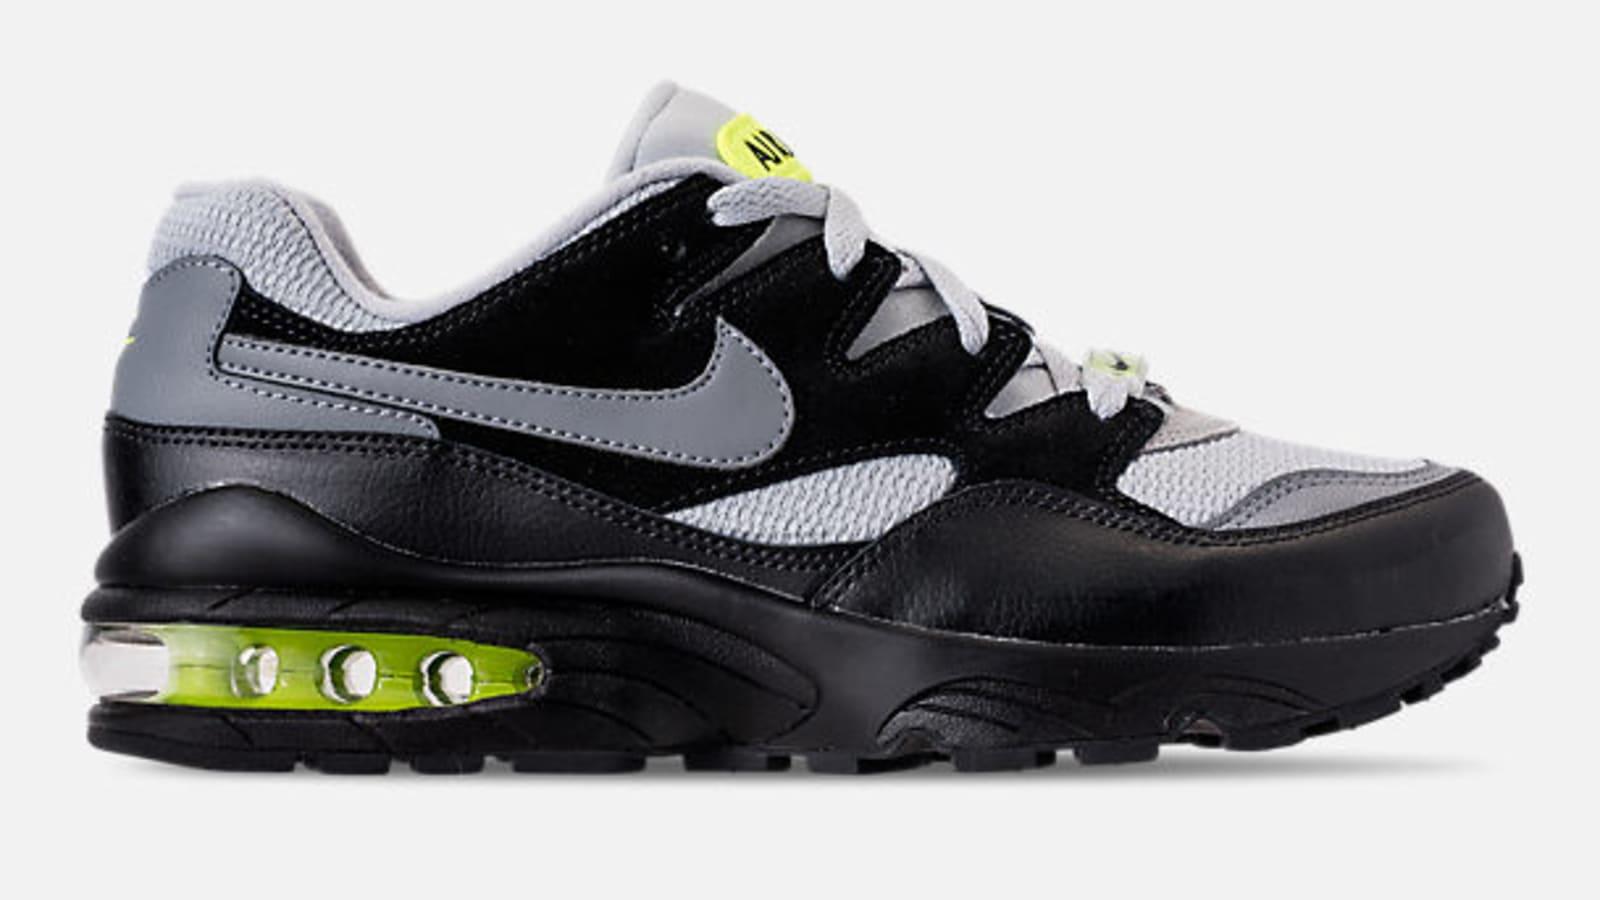 official photos 88450 9a52d Nike Air Max 94  Volt